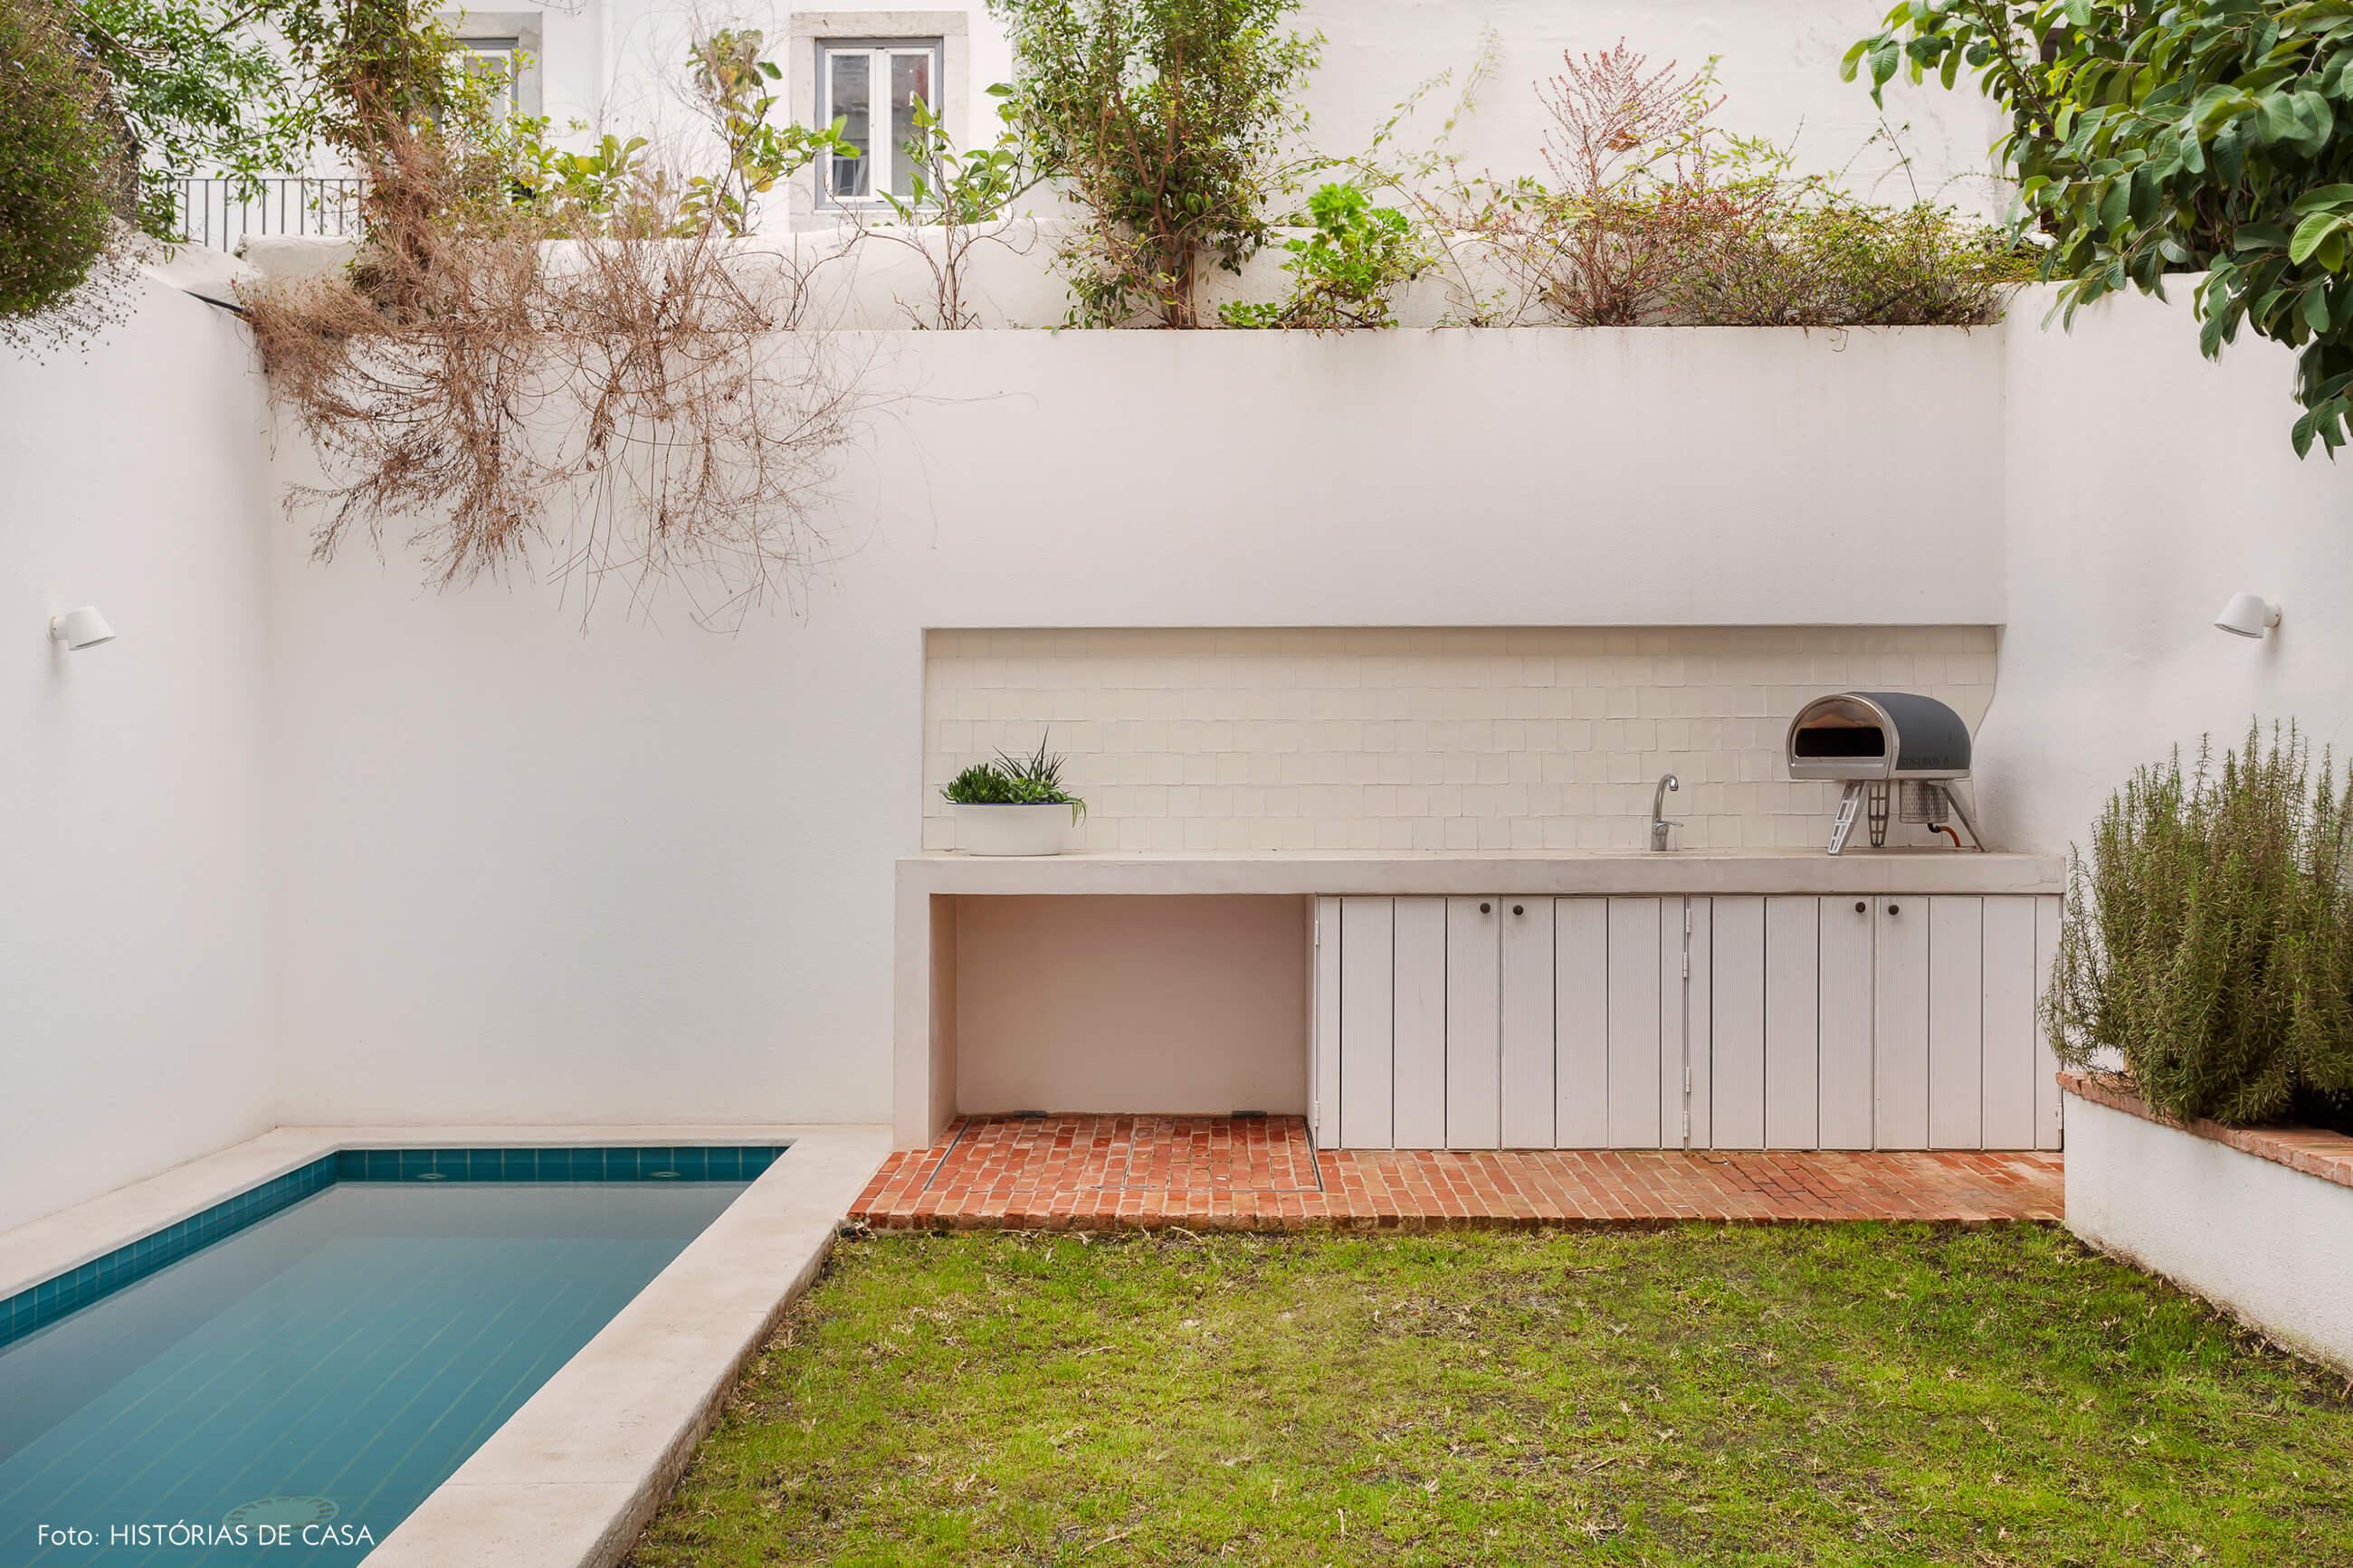 Apartamento em Lisboa com terraço e jardim com piscina